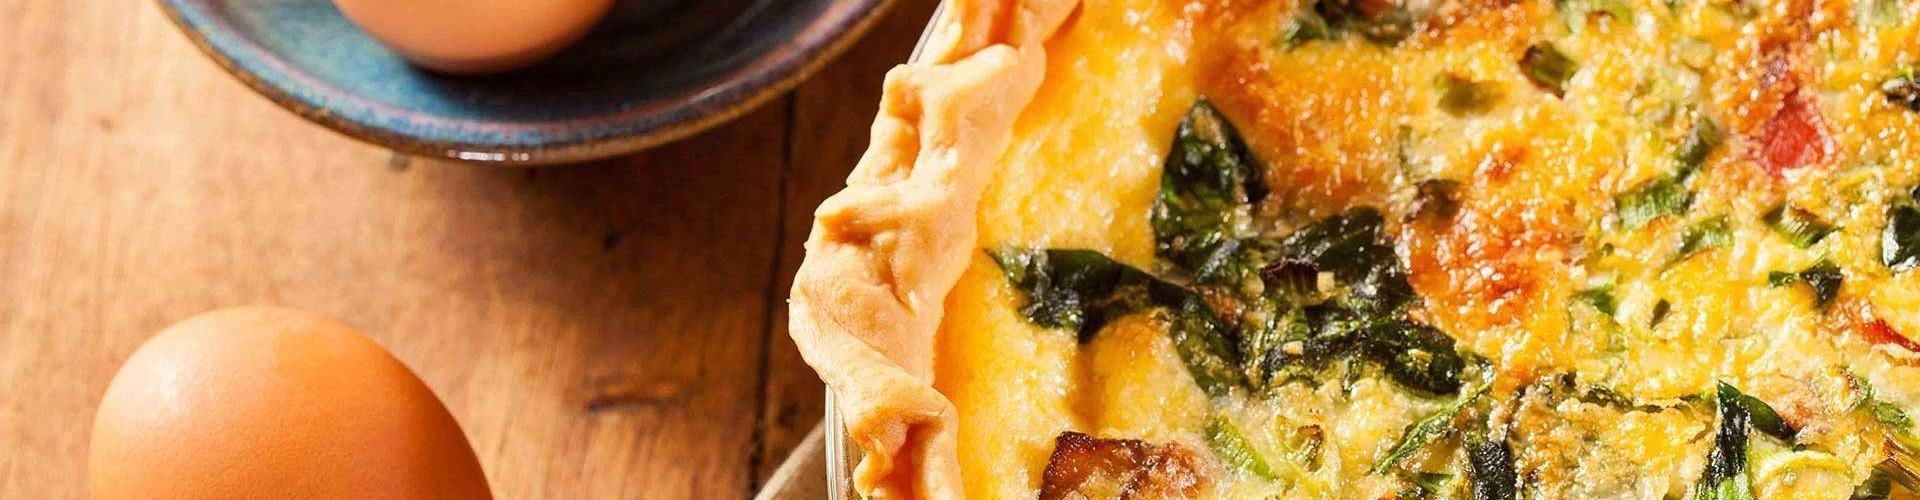 Quiche con spinaci, Piattone della Latteria Valtellina e Pancetta tesa Menatti: Immagine